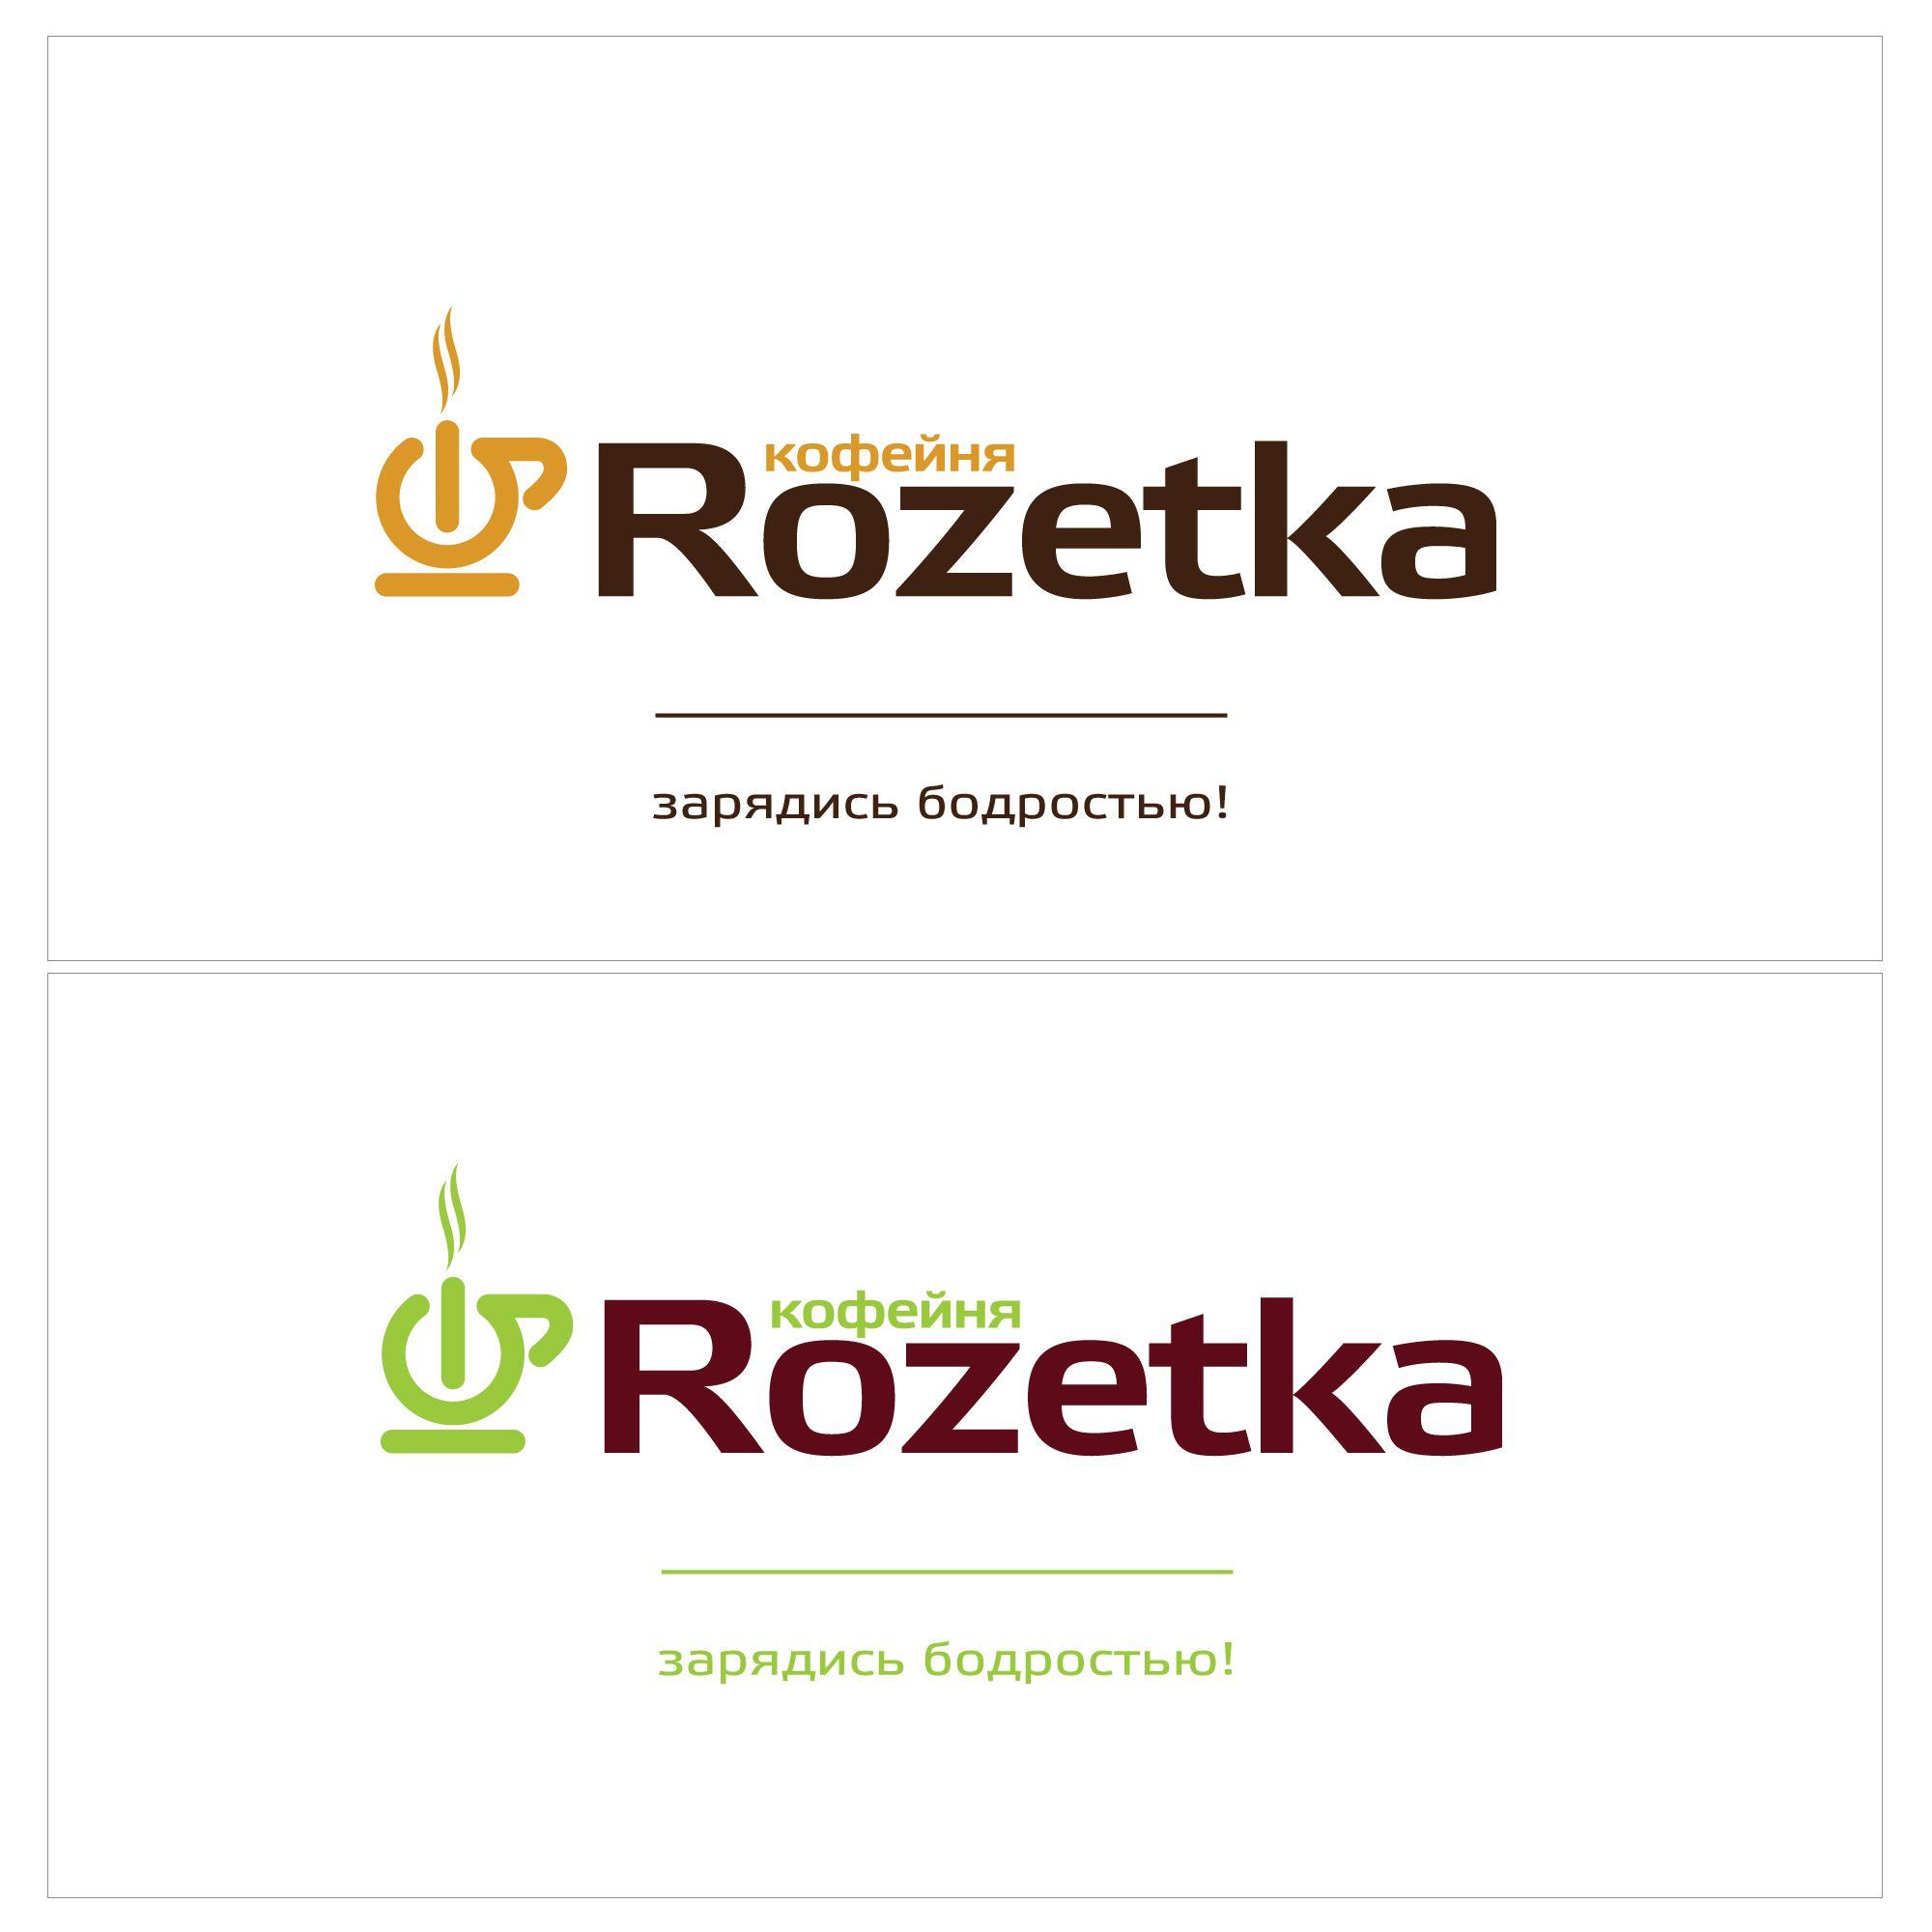 Логотип+Дизайн фирменного стиля для кофейни  - дизайнер hotmart